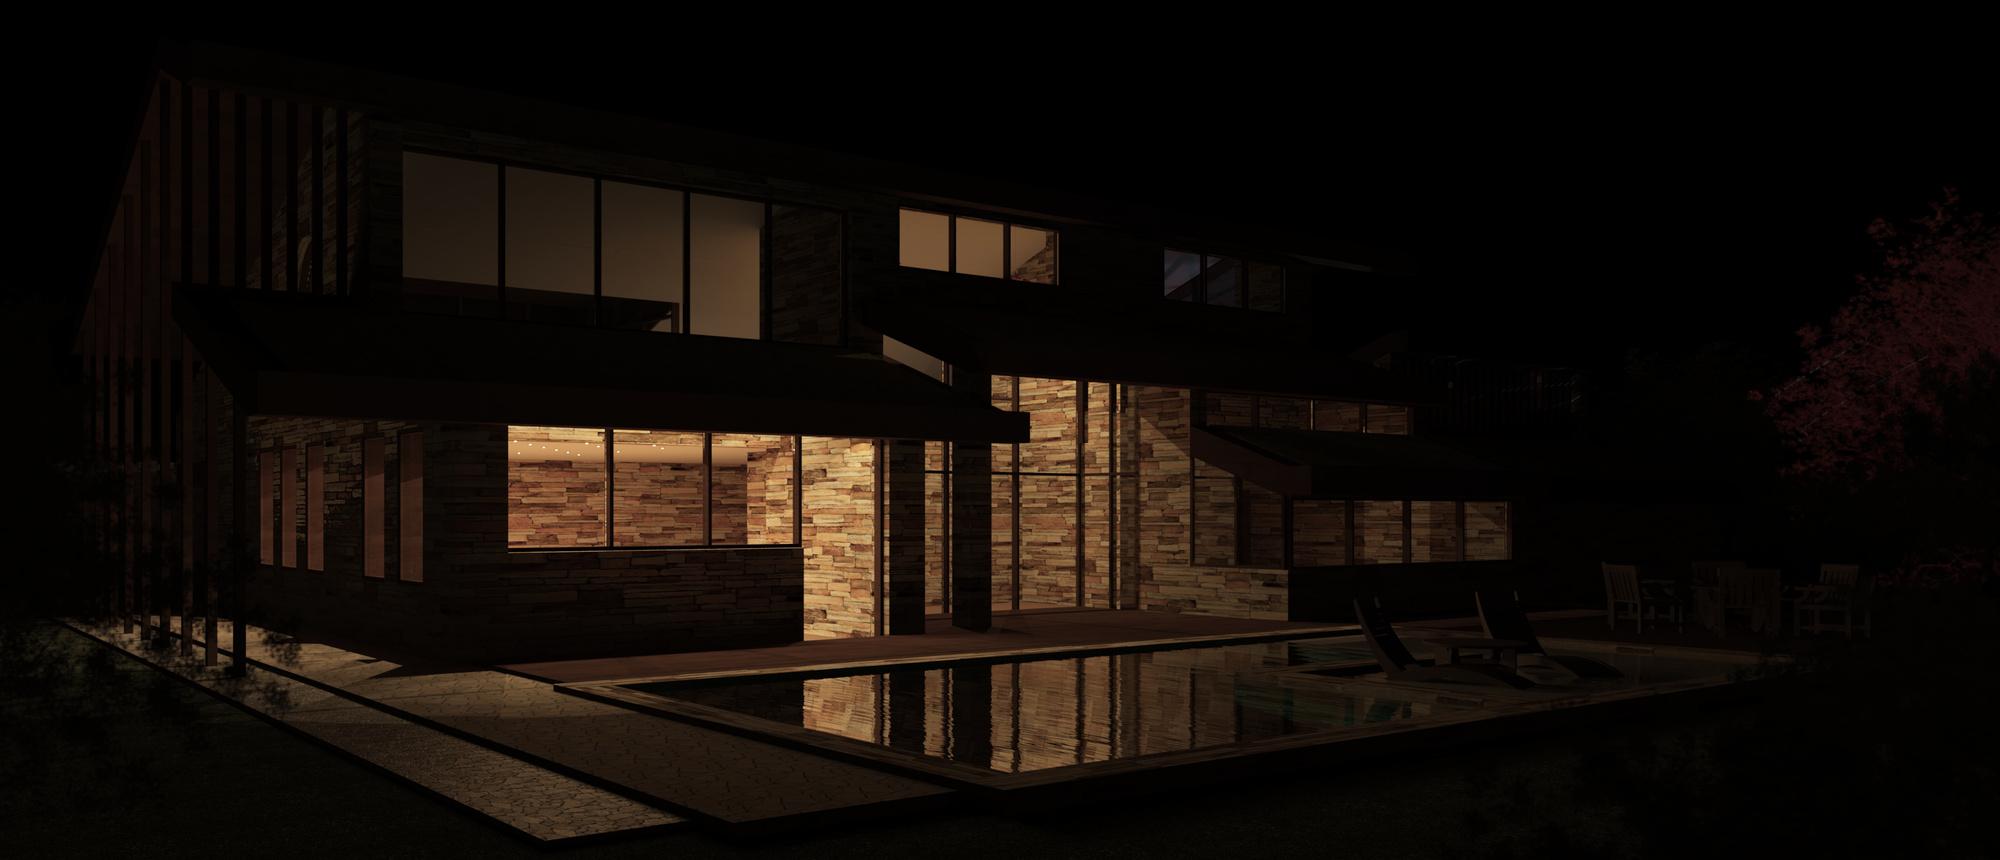 Raas-rendering20150313-20350-xh1voa